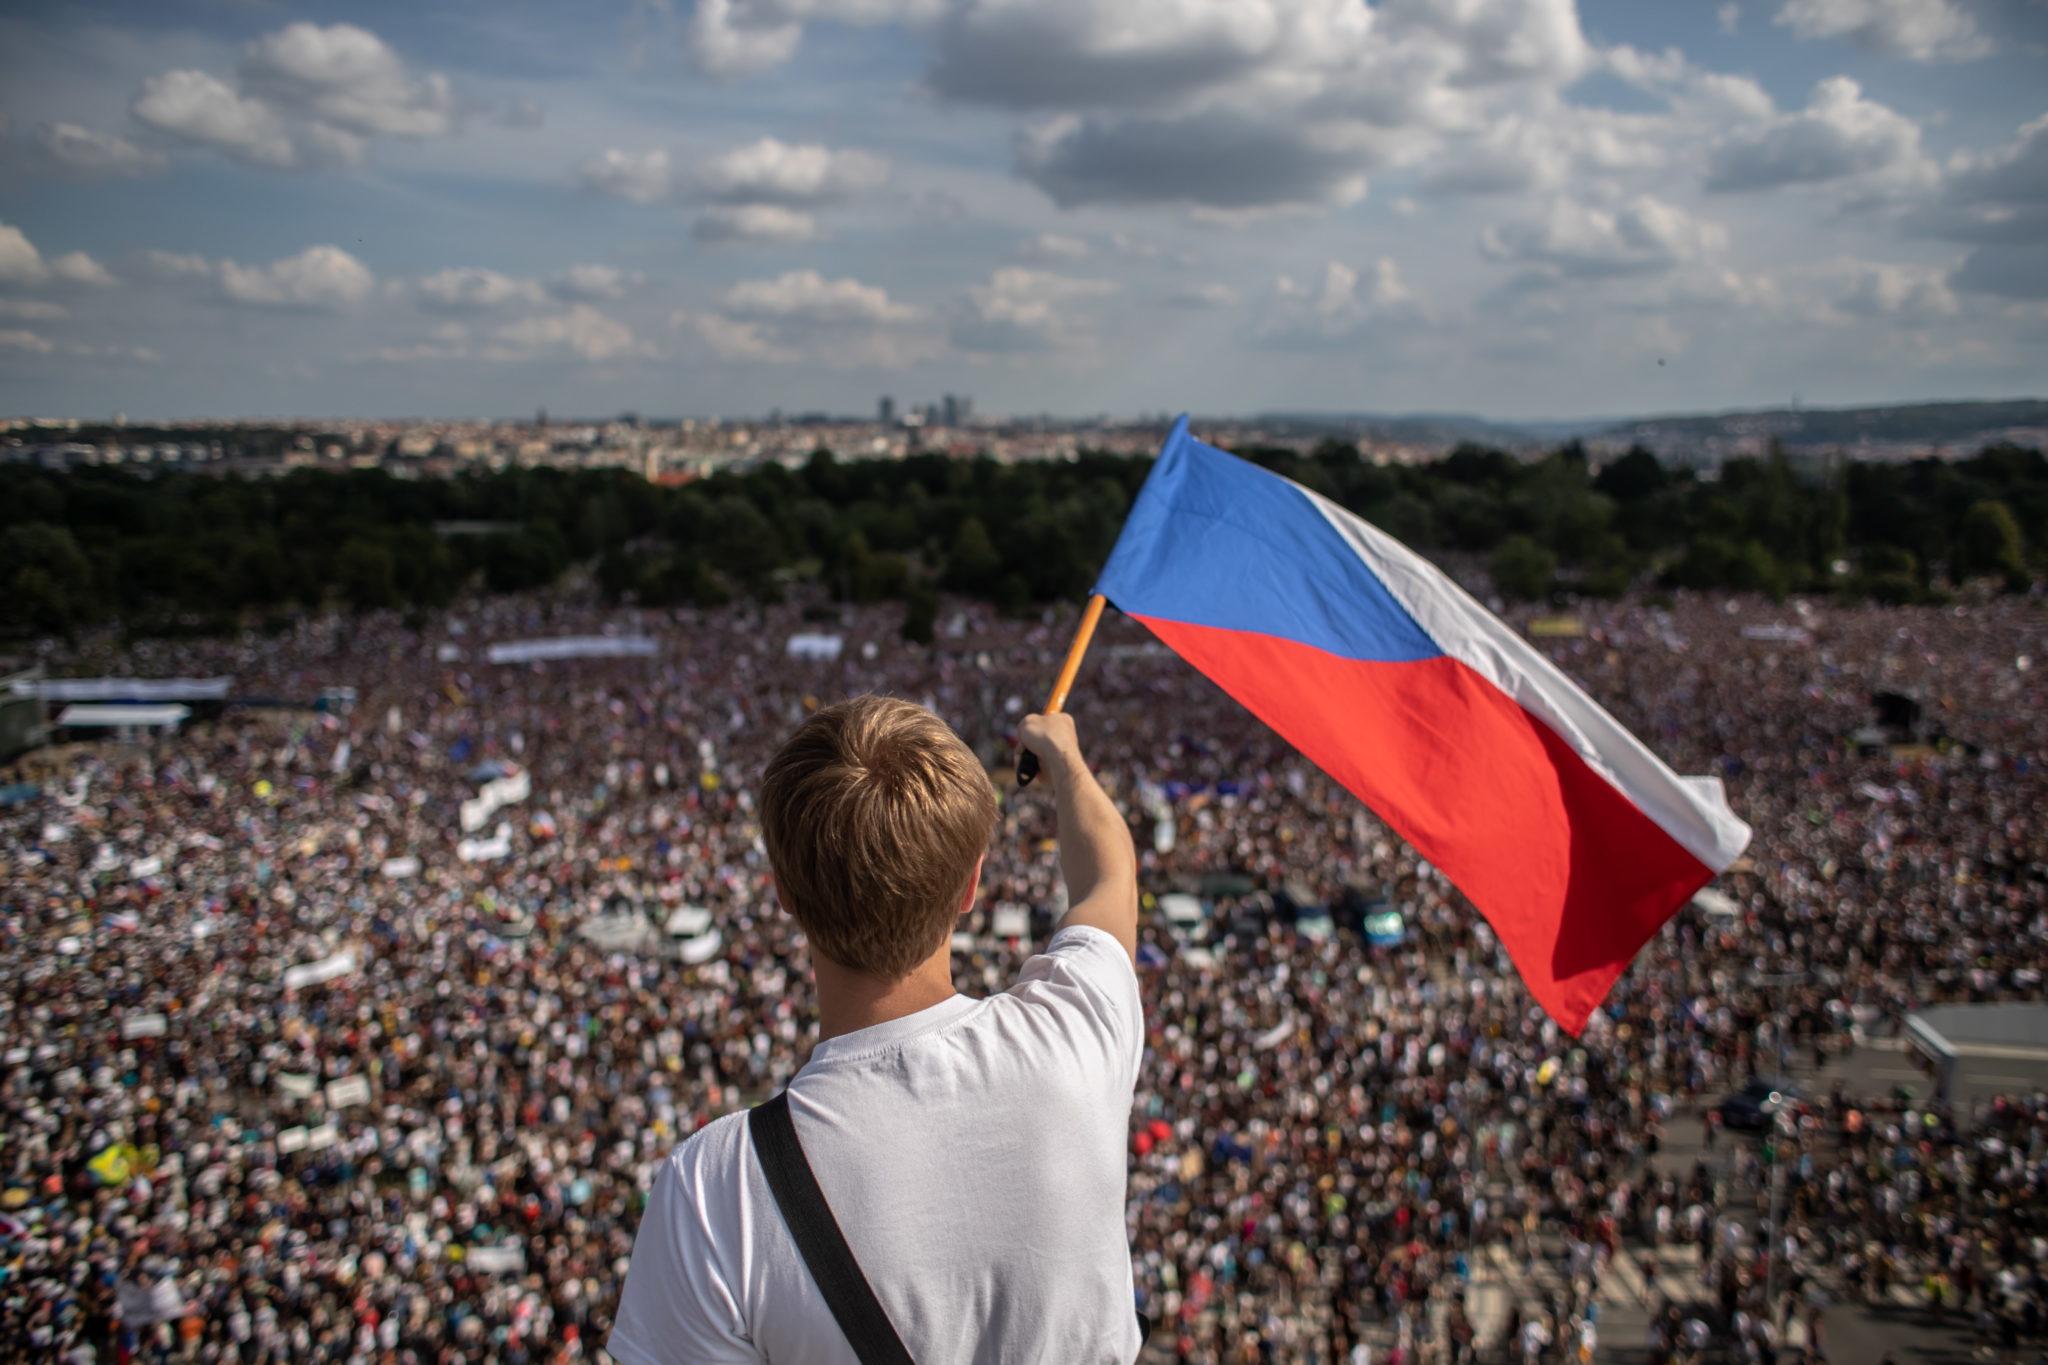 Ponad 250 tysięcy ludzi wyszło w niedzielę na ulice Pragi, by żądać ustąpienia premiera Andreja Babisza. To największa od 30 lat demonstracja w Czechach, fot. MARTIN DIVISEK, PAP/EPA.